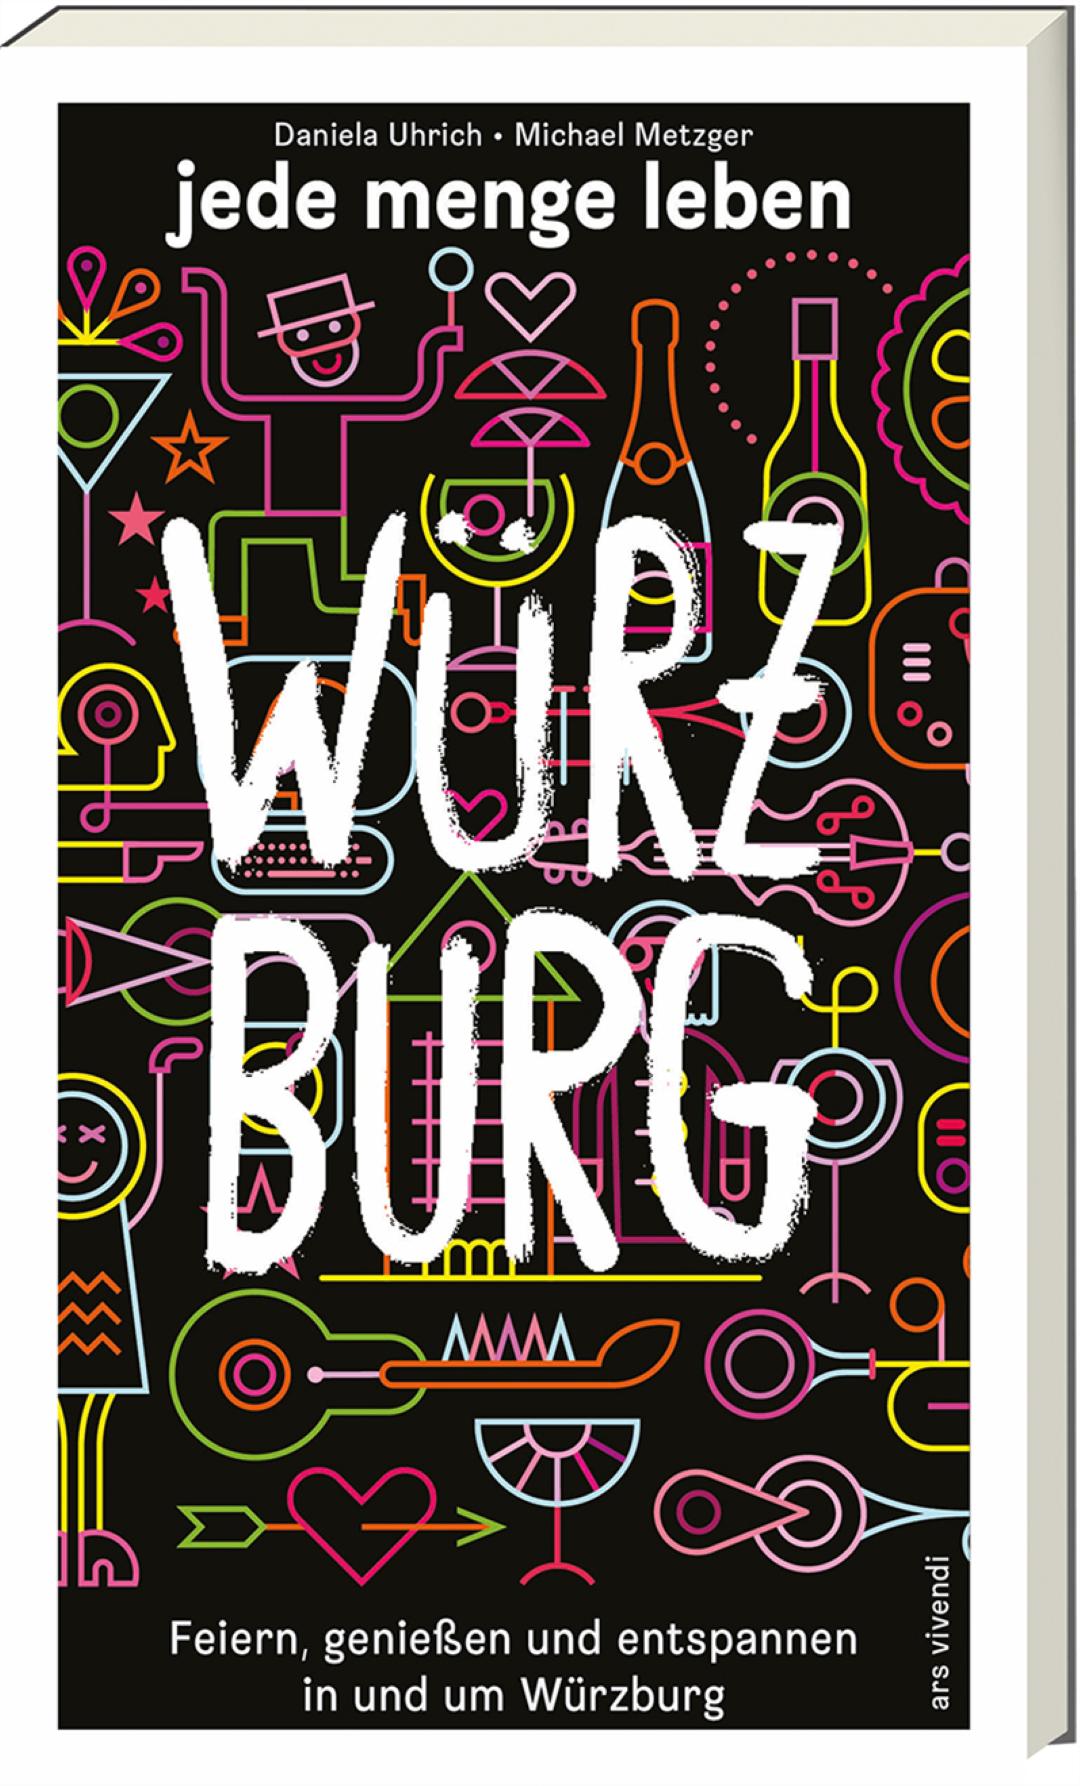 In Würzburg gibt es jede Menge Leben